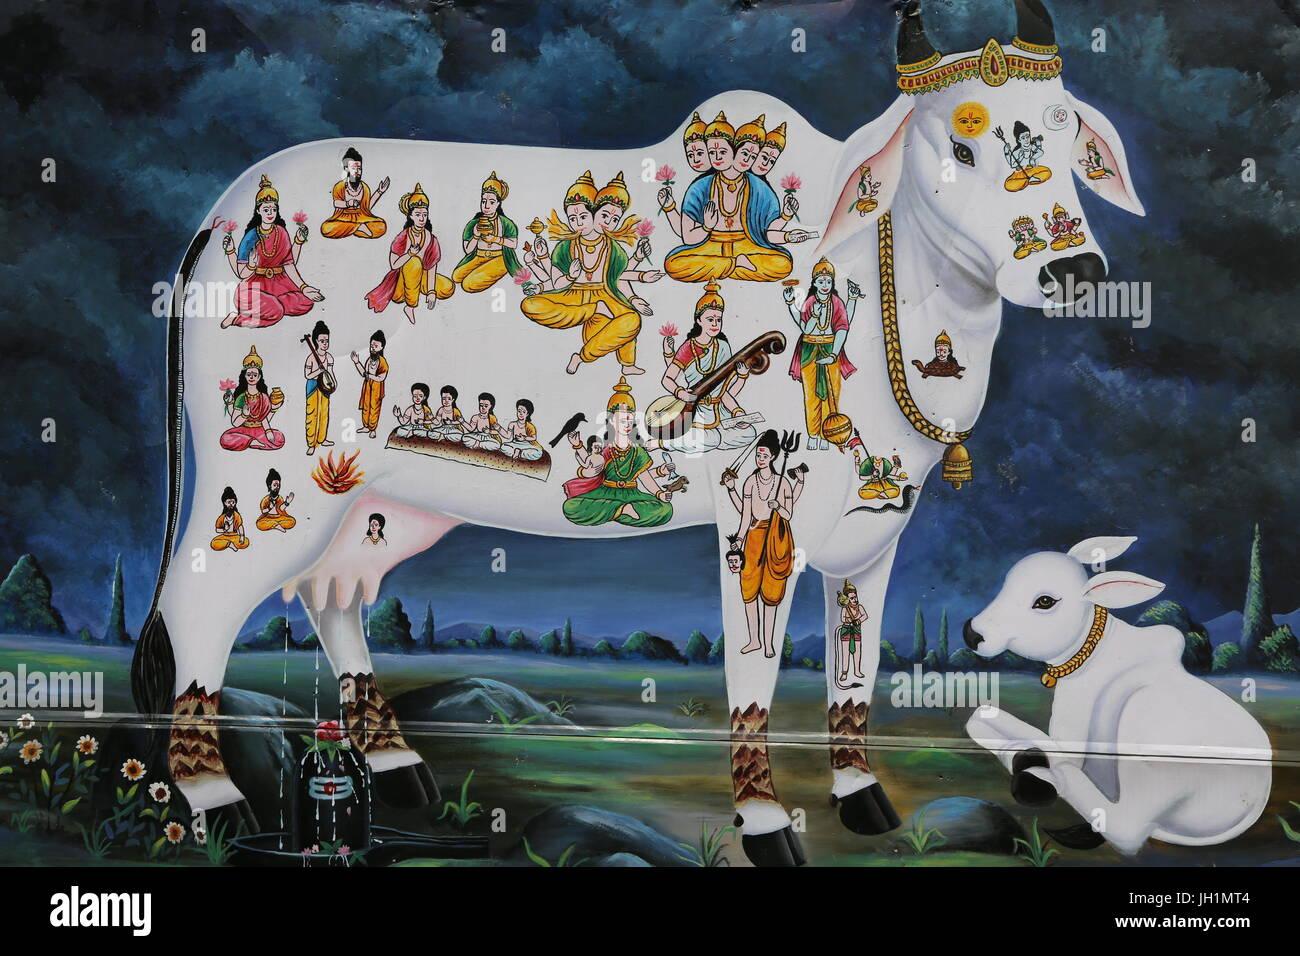 Risultati immagini per vacca induismo